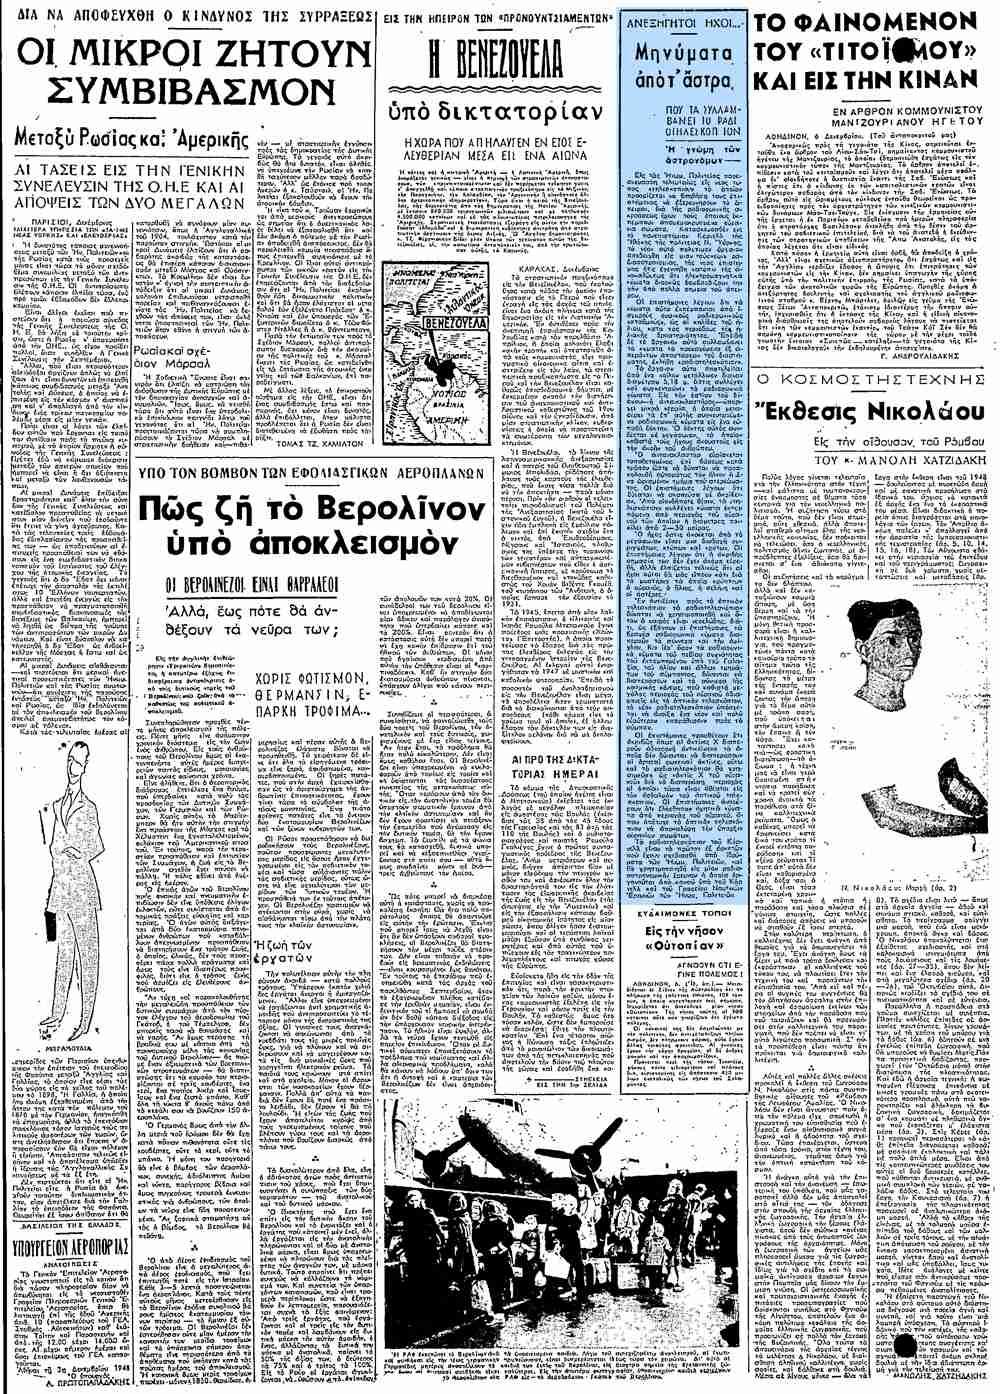 """Το άρθρο, όπως δημοσιεύθηκε στην εφημερίδα """"ΕΛΕΥΘΕΡΙΑ"""", στις 07/12/1948"""